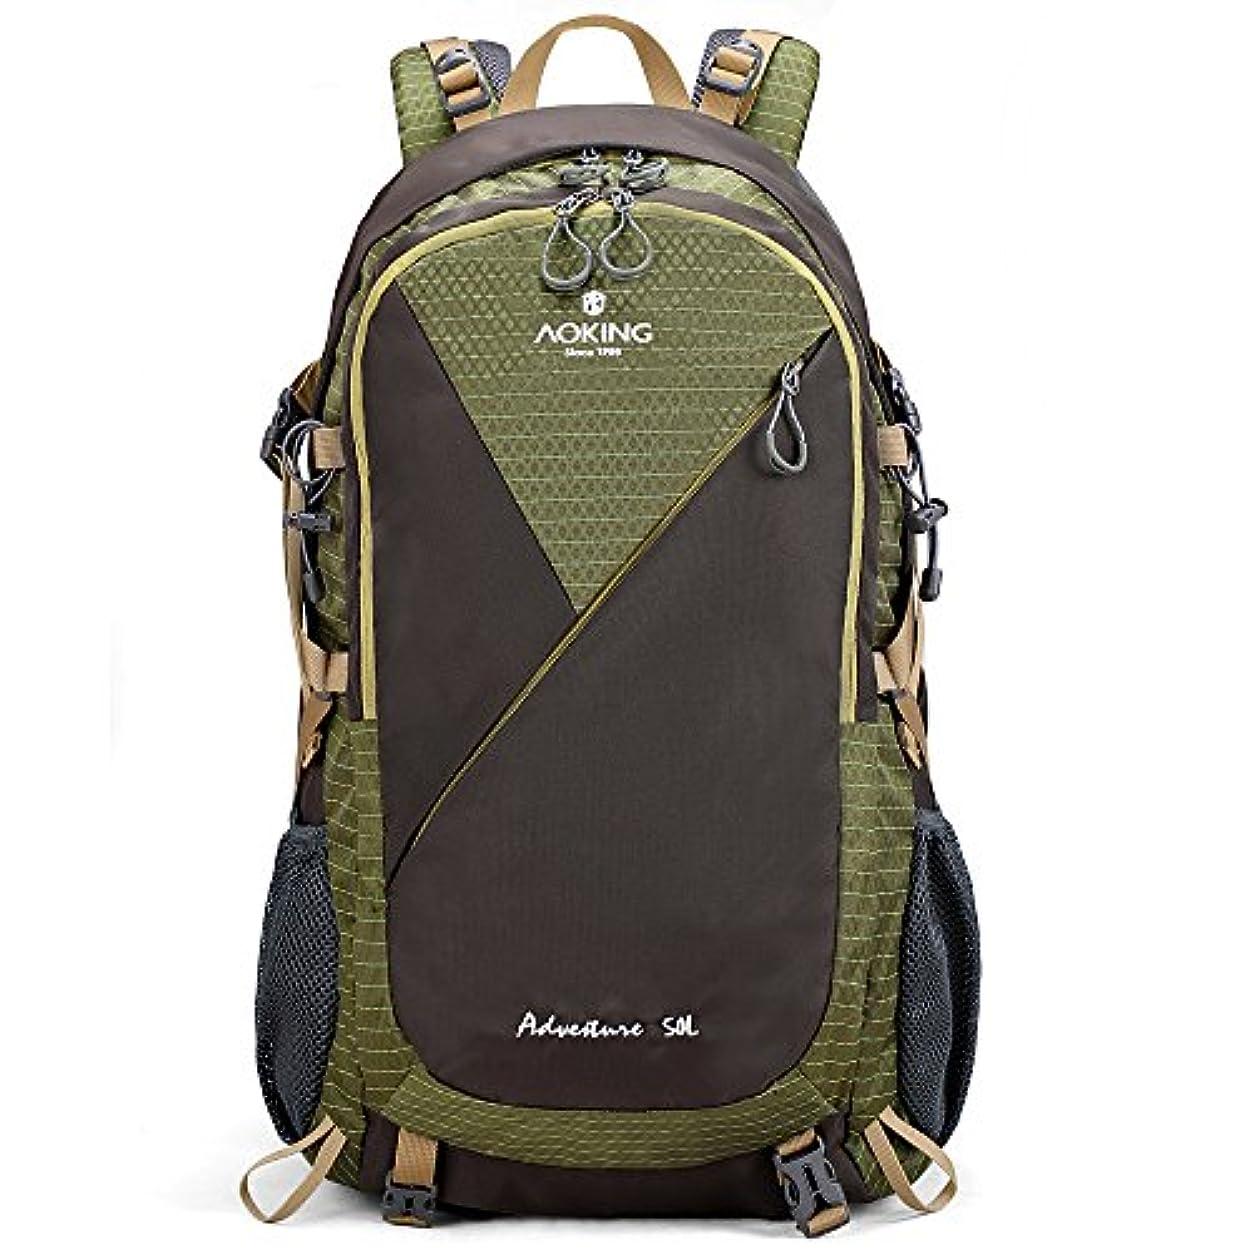 接続つまらない岸YHDD 登山レジャースポーツショルダー機能を使用して登山用バックパック大容量旅行中立的な男性と女性は屋外での使用に適しています